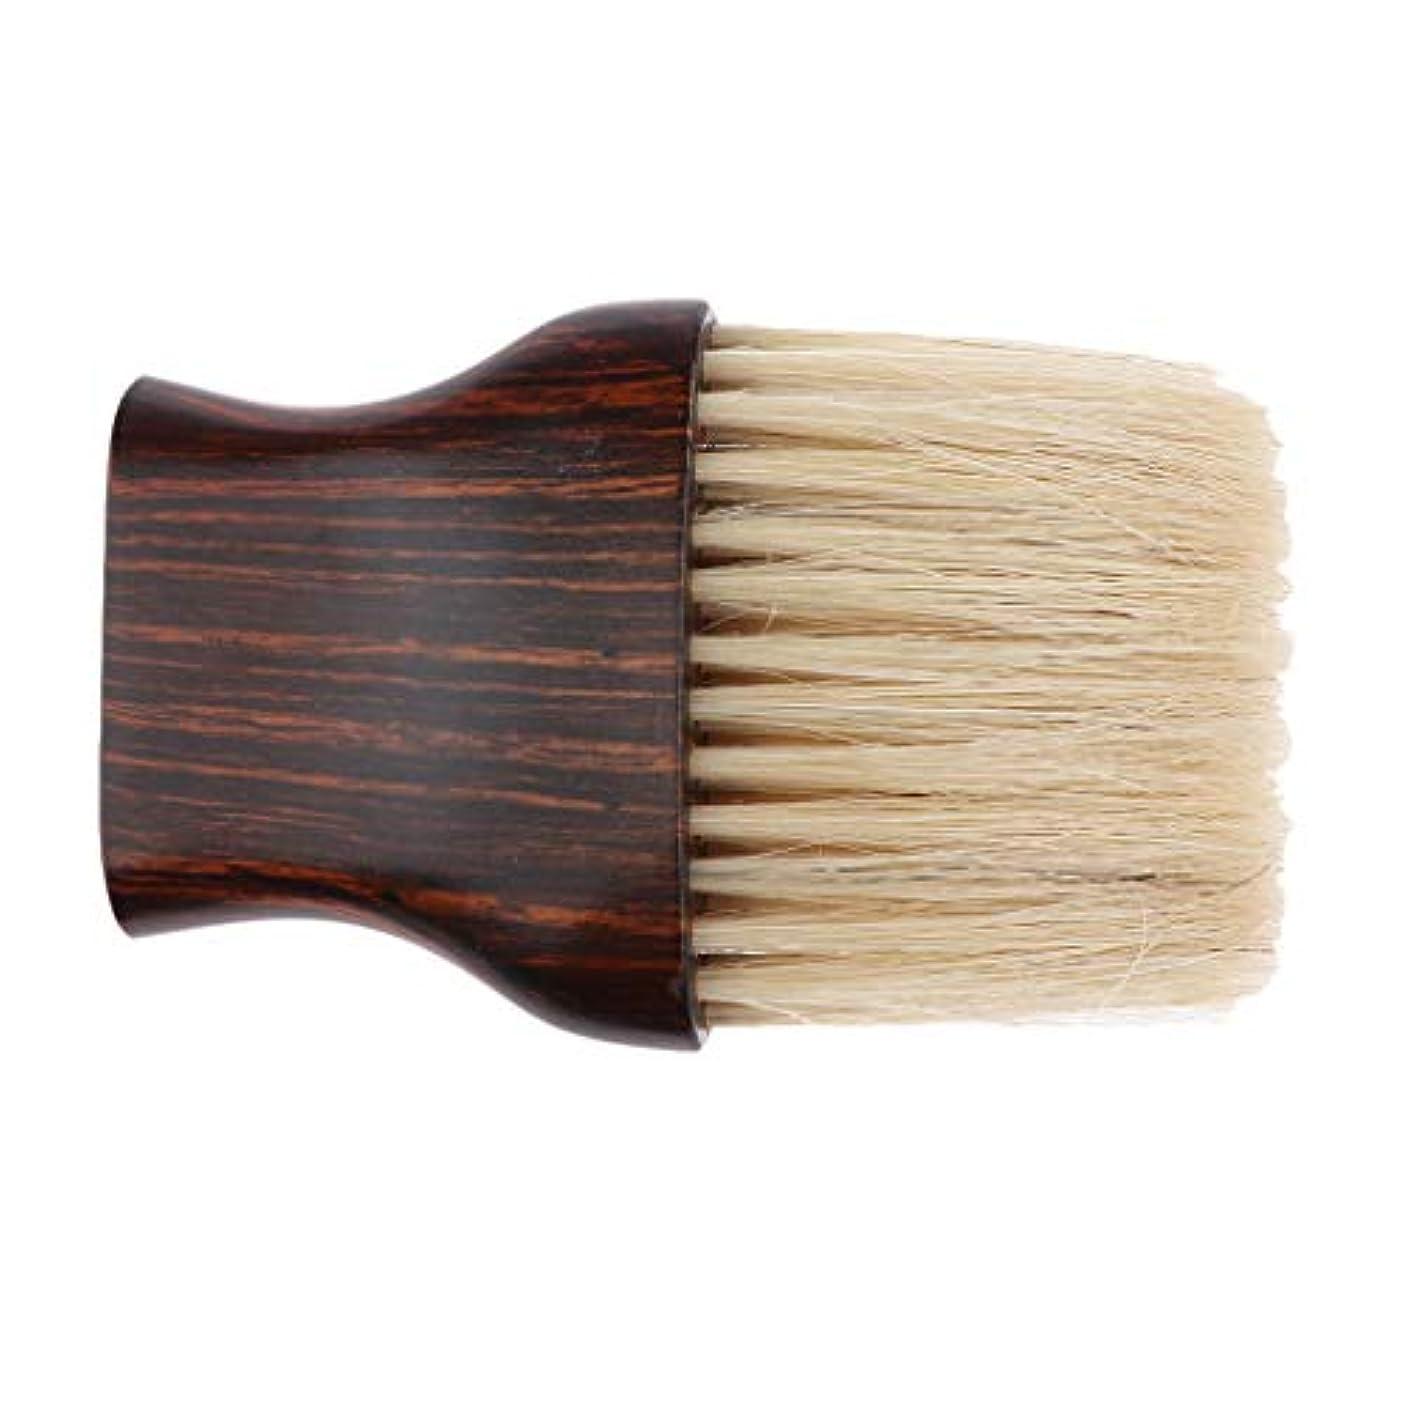 悲しむ放送自己尊重DYNWAVE 理髪 ネックダスターブラシ クリーニング ヘアブラシ ヘアスイープブラシ サロンヘアカット ツール